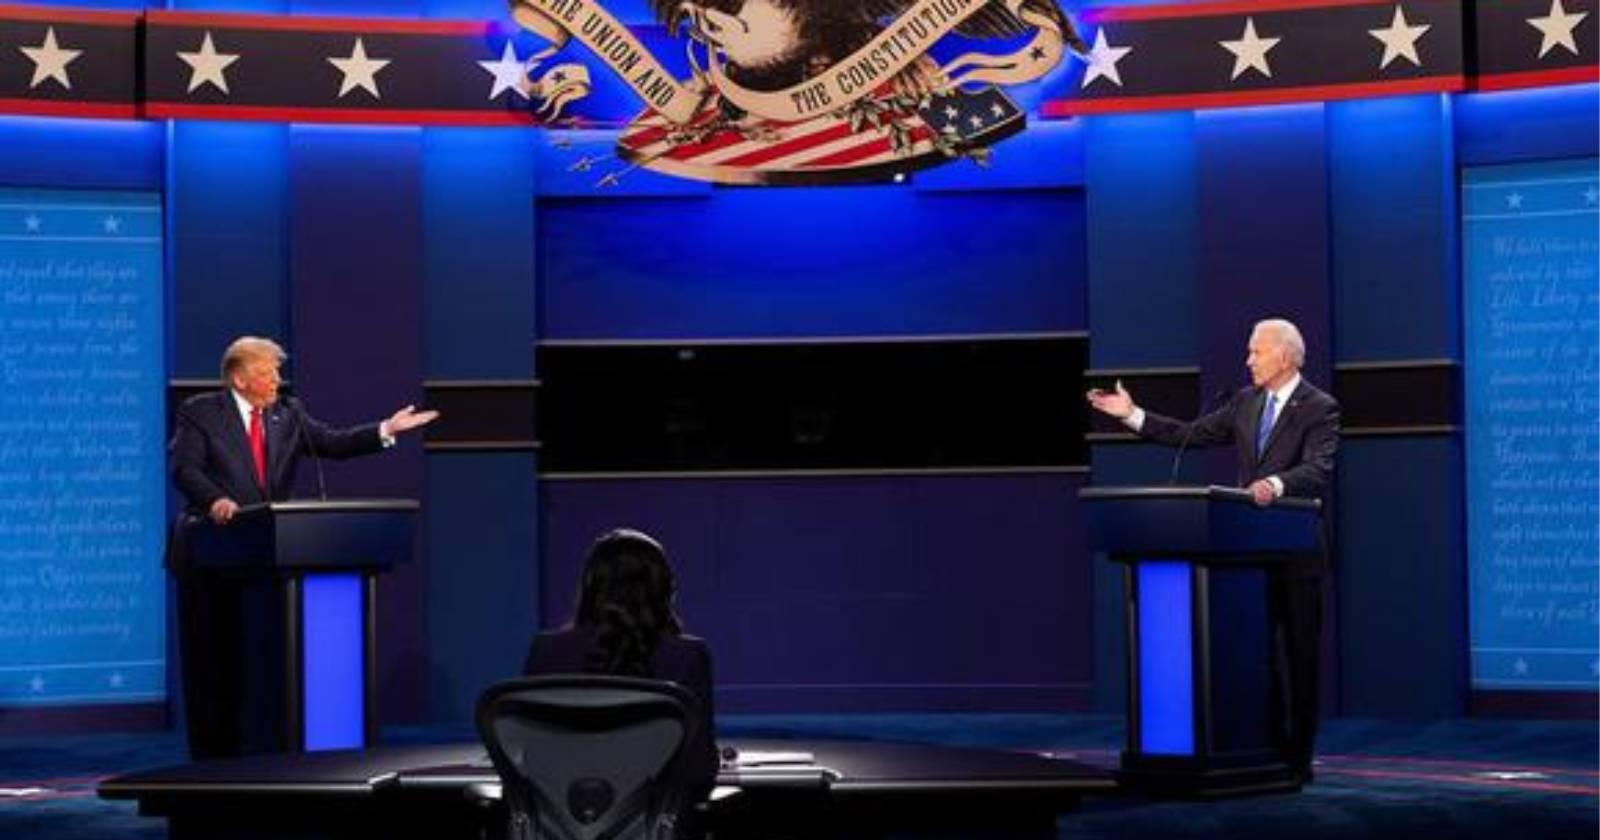 VIDEOS - Las polémicas frases que dejó el último debate entre Joe Biden y Donald Trump